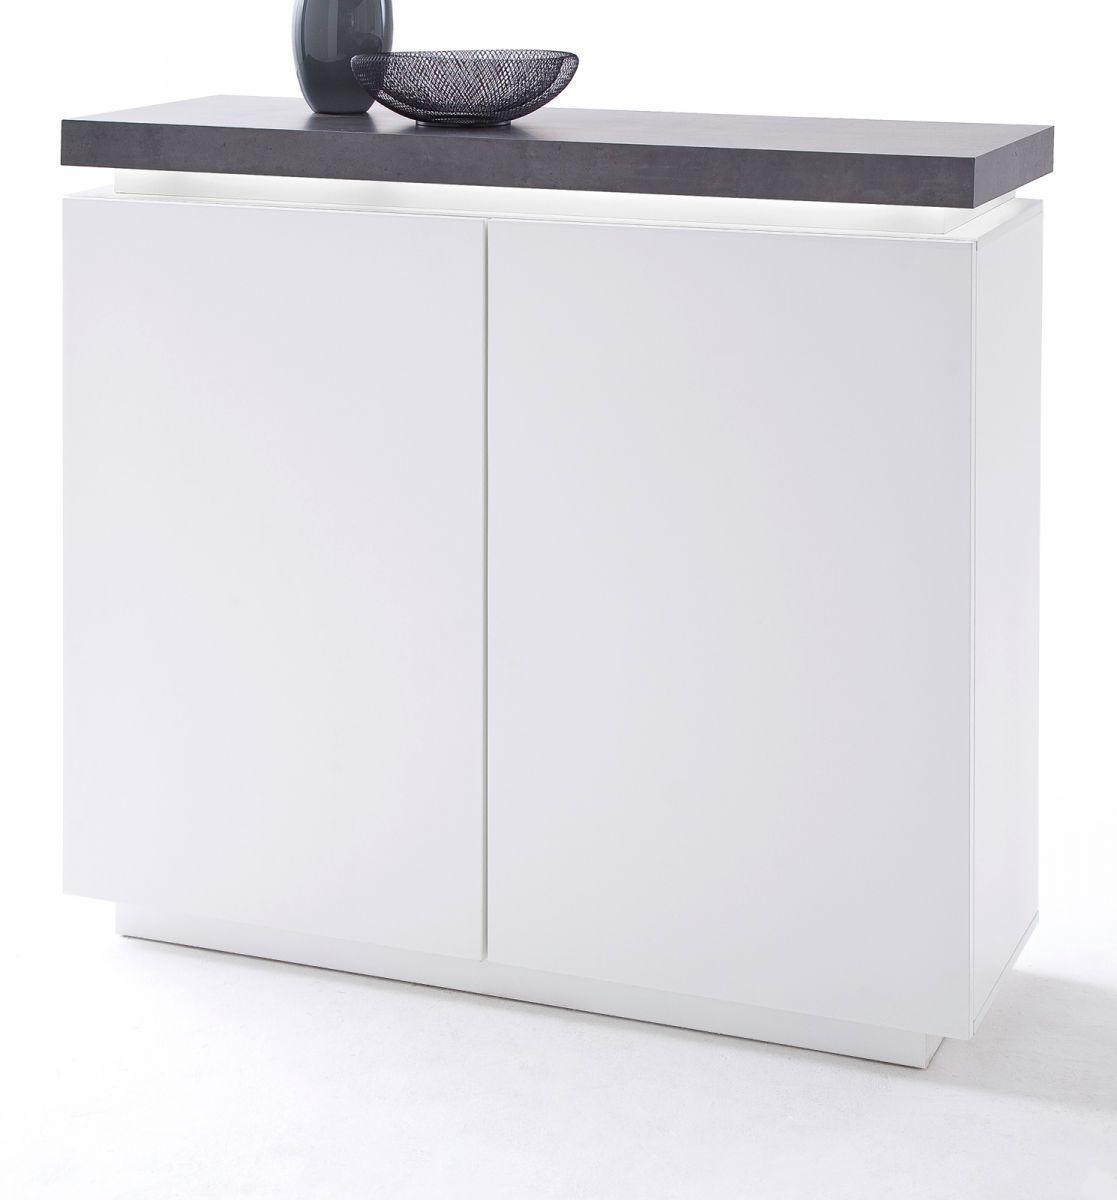 Highboard matt weiss und Stone Design 120 cm